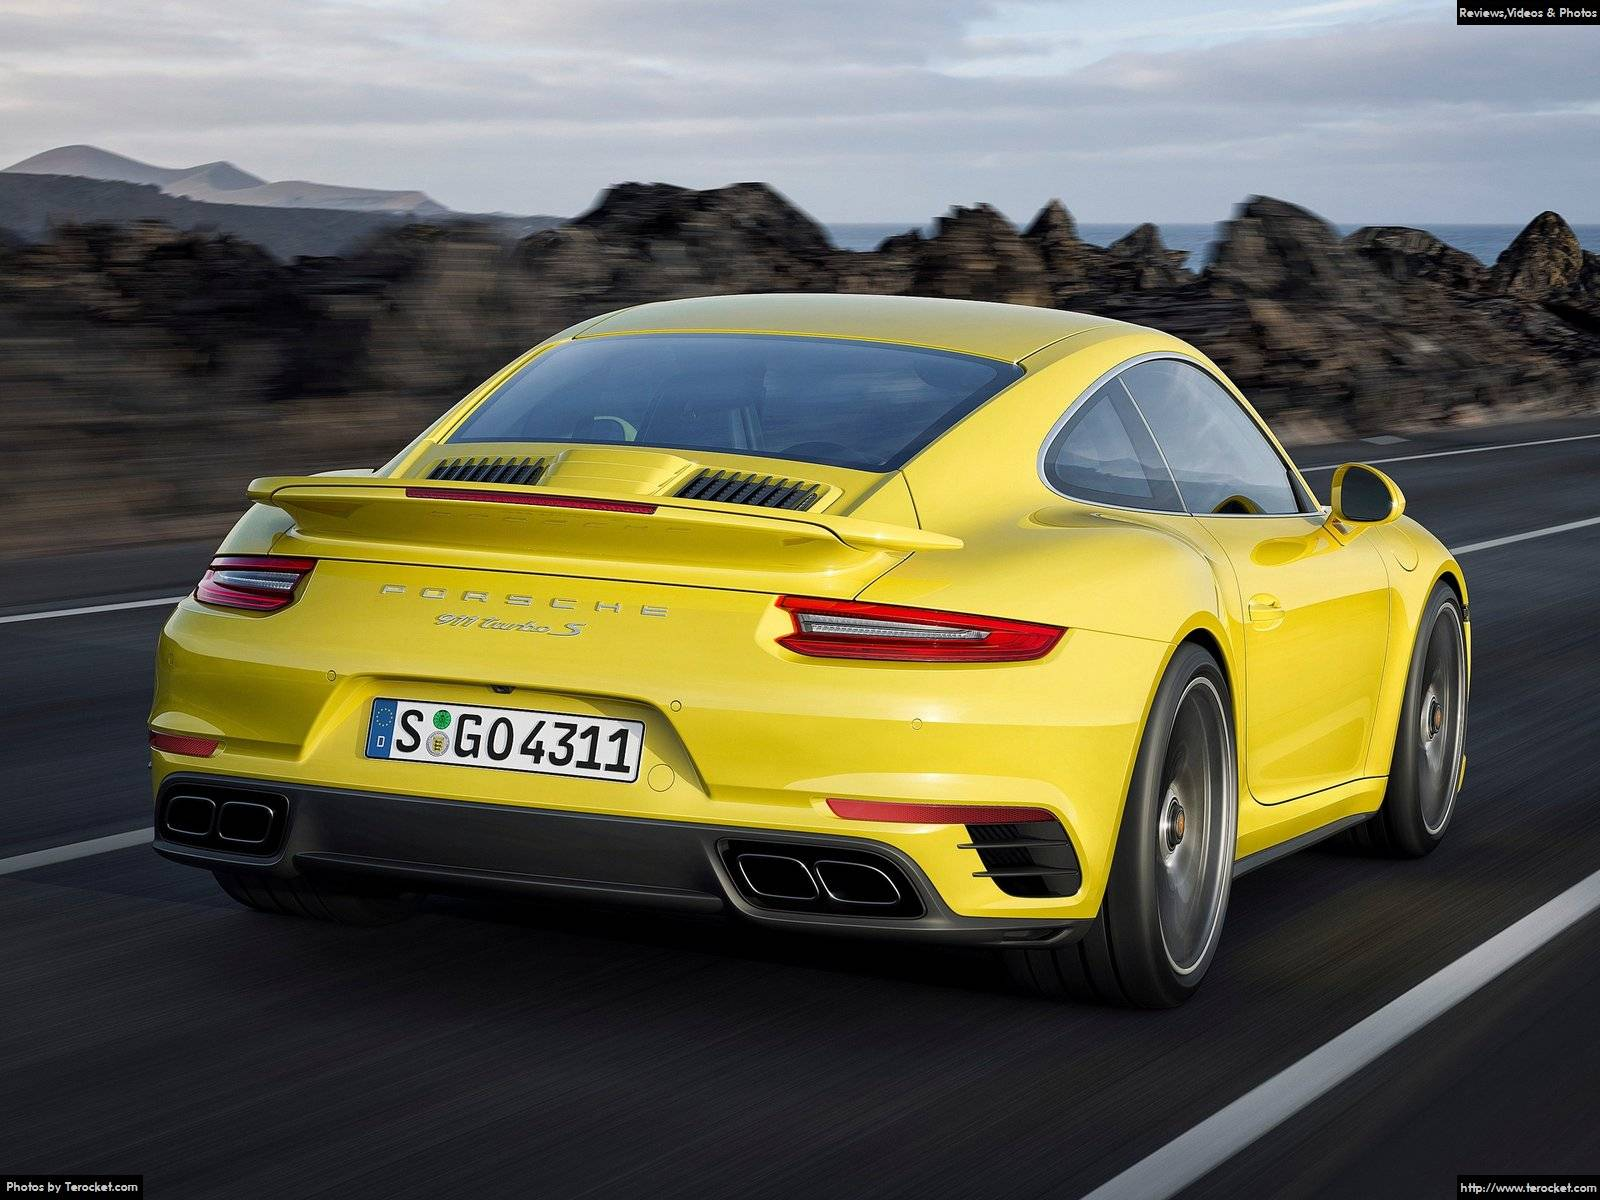 Hình ảnh xe ô tô Porsche 911 Turbo S 2016 & nội ngoại thất